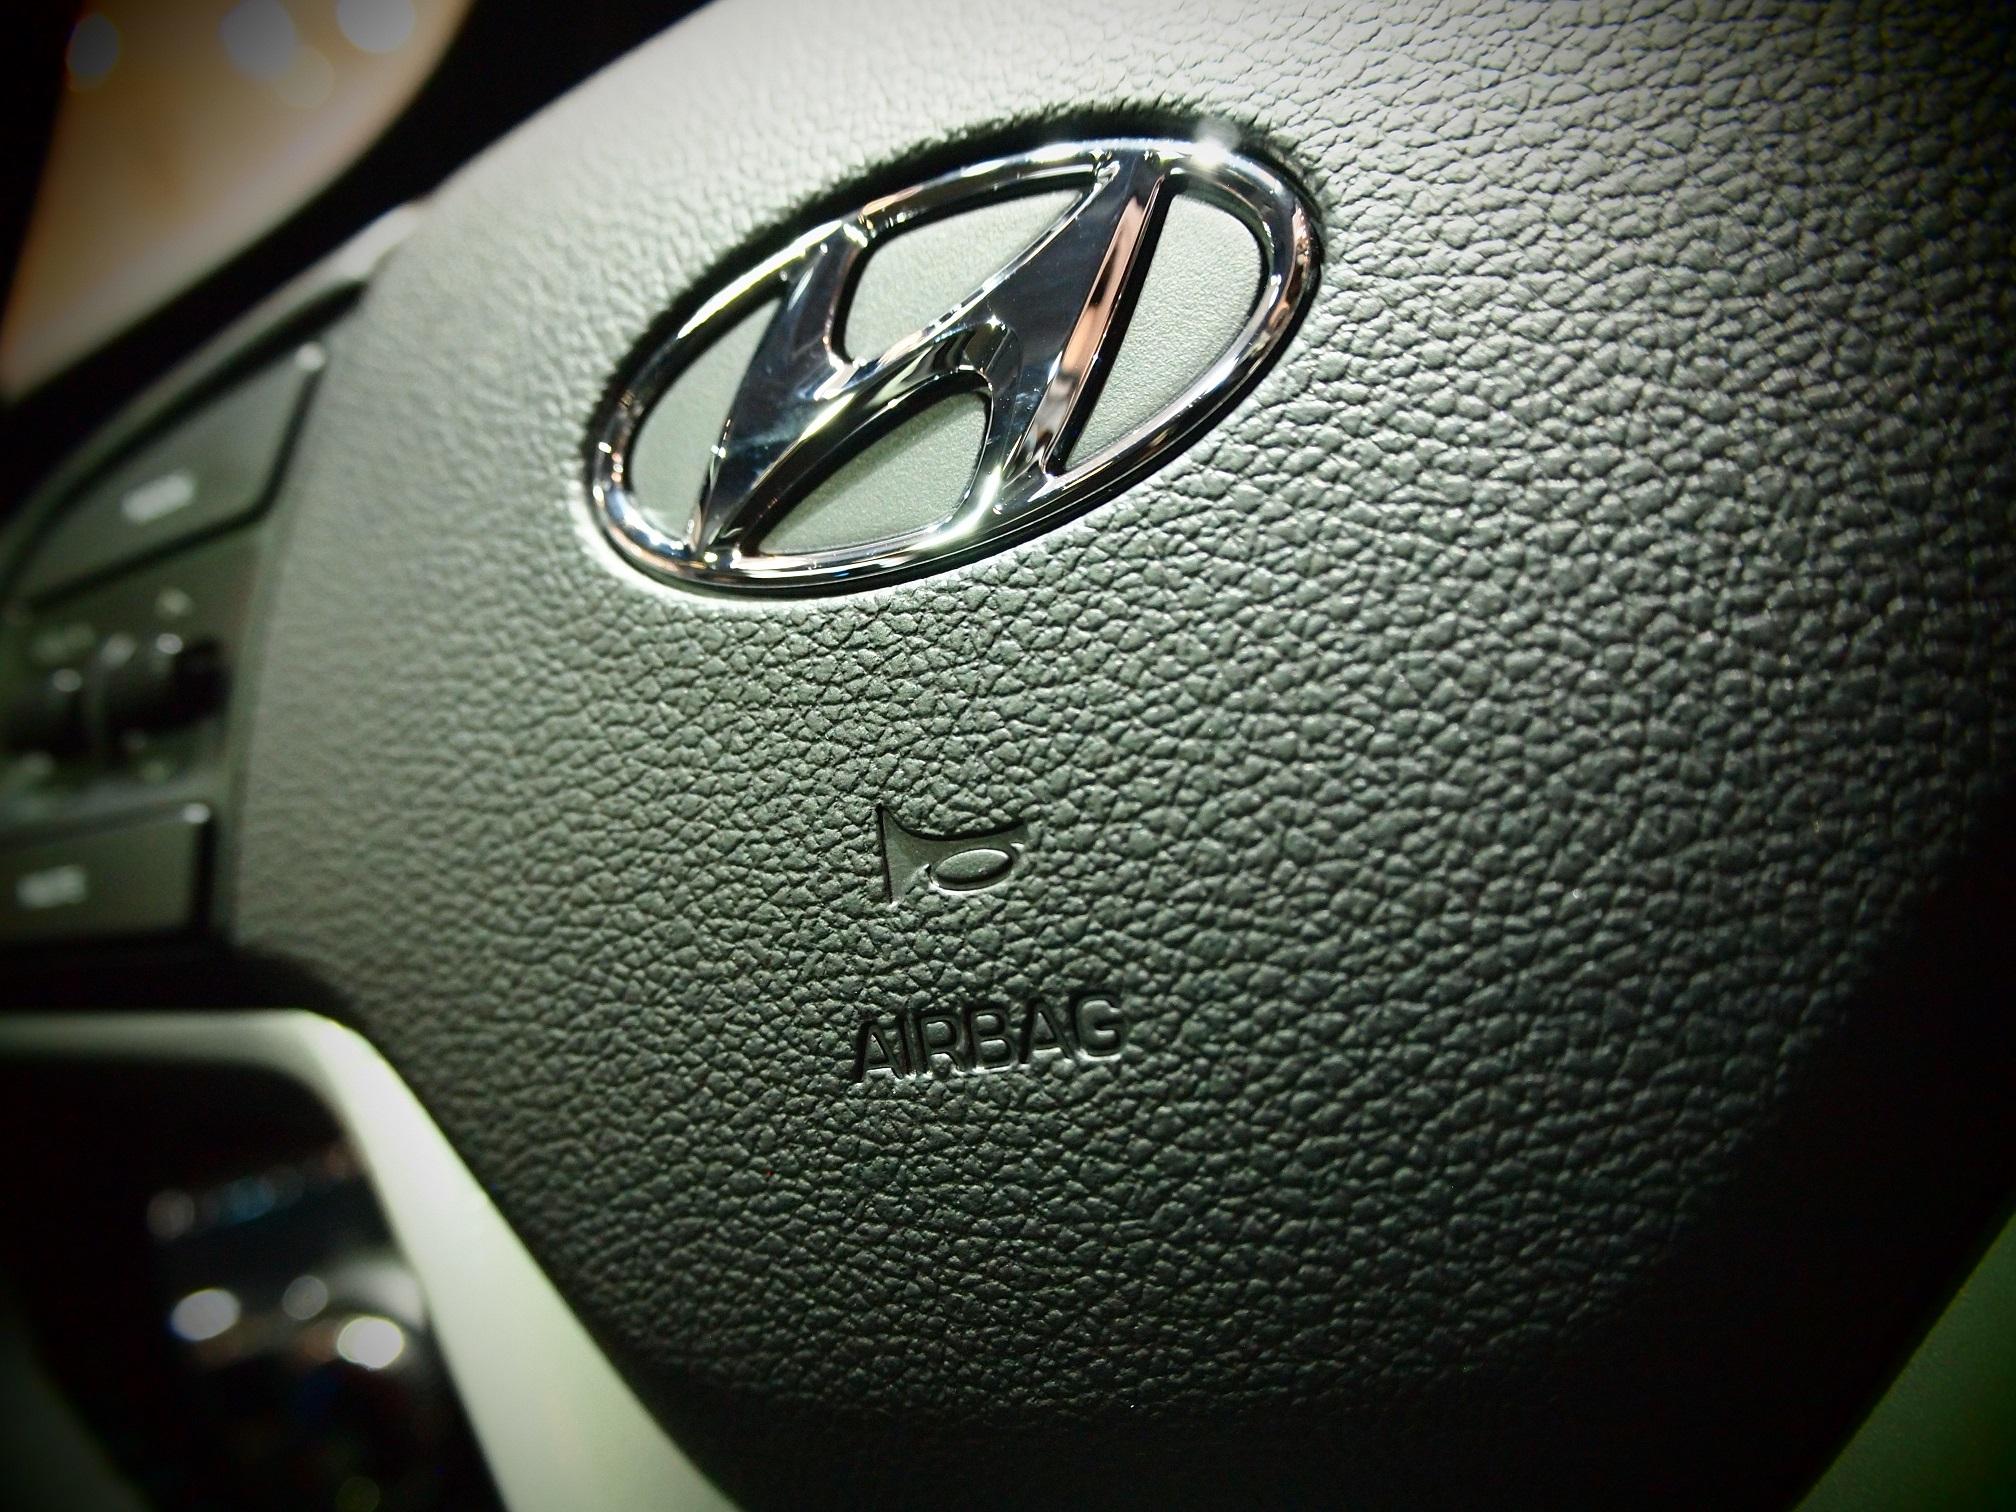 Apakah Airbag di Mobil Perlu Diservis?